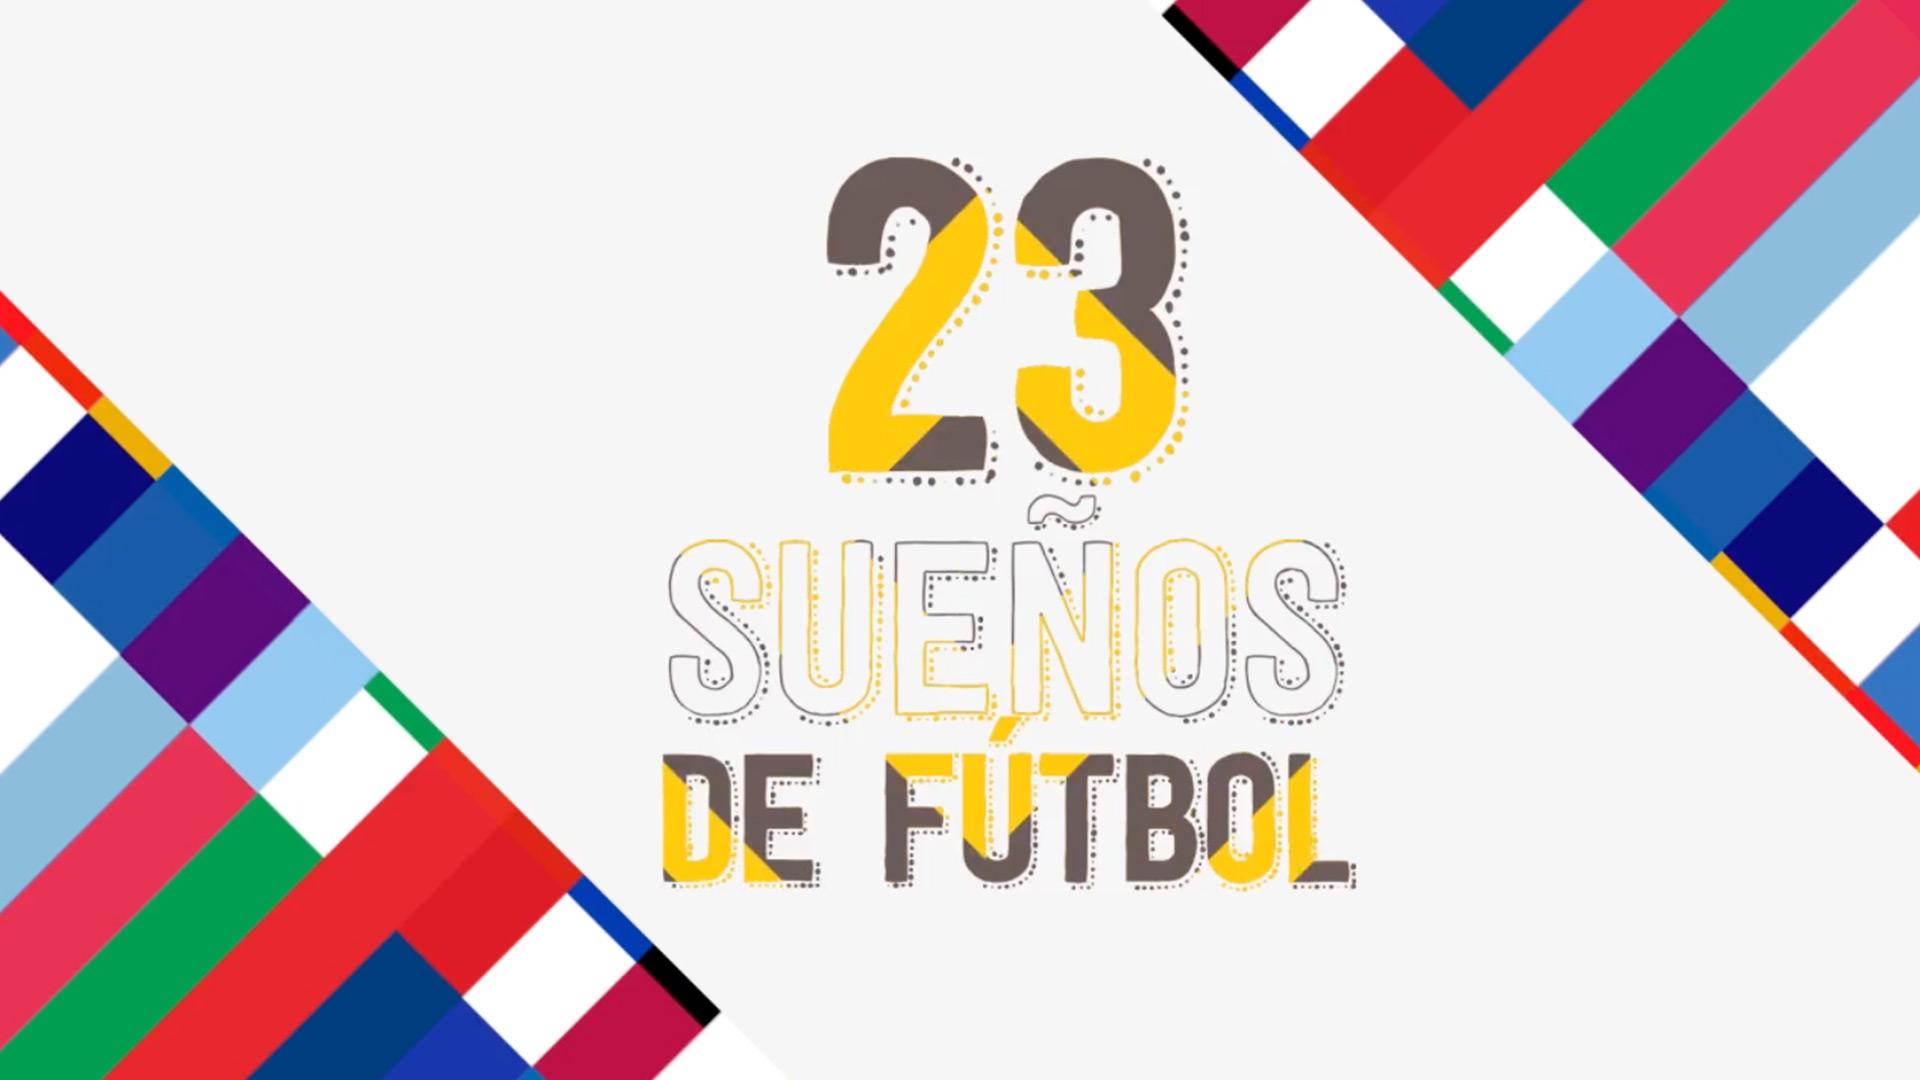 23 sueños de fútbol